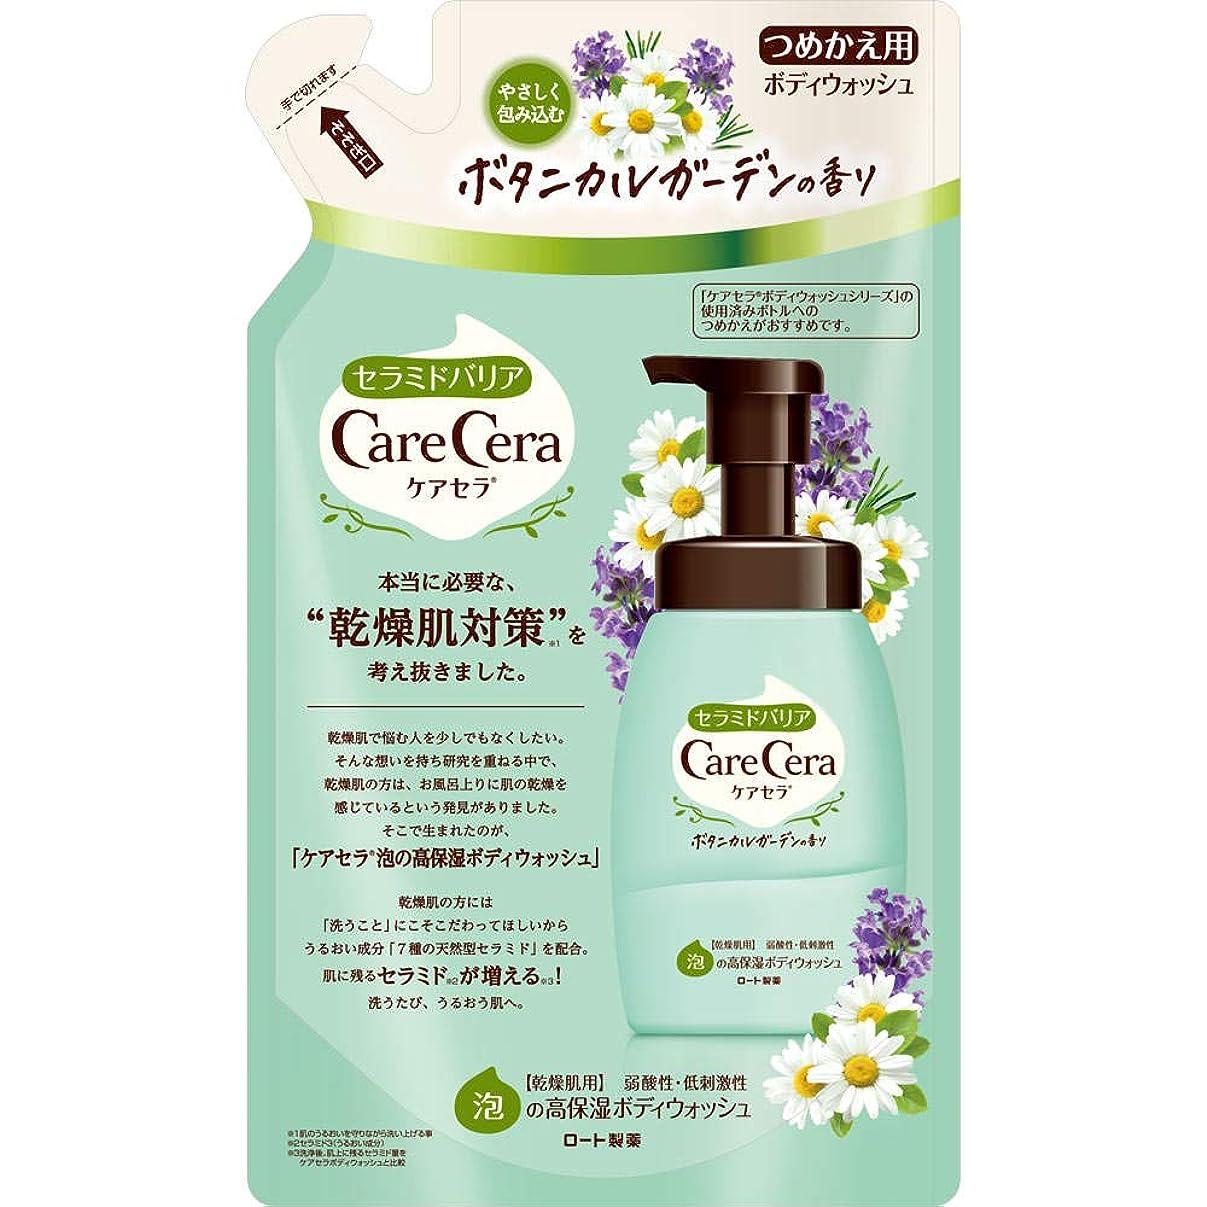 パシフィック菊差別的ケアセラ 泡の高保湿ボディウォッシュ ボタニカルガーデンの香り つめかえ用 350mL